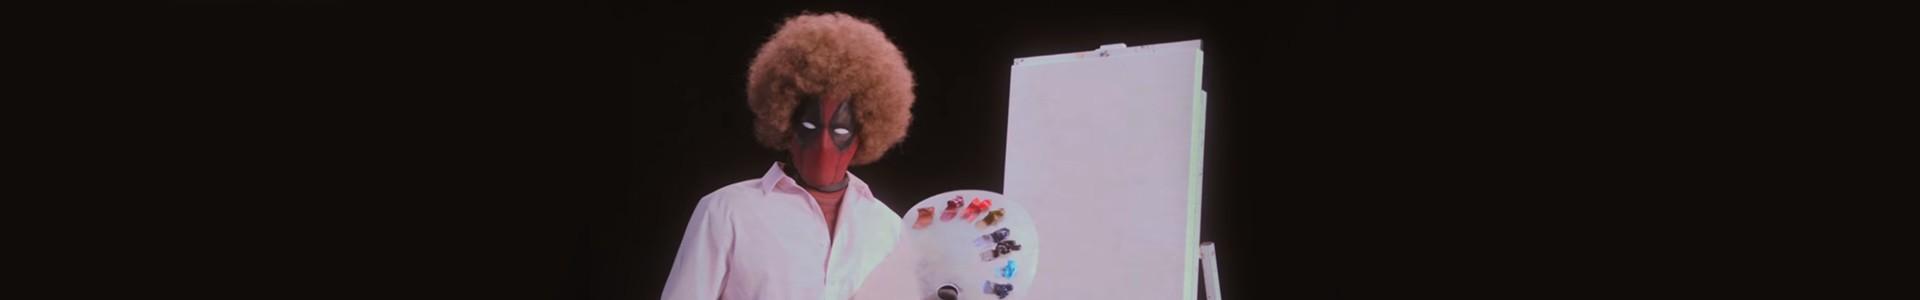 Deadpool 2: 1º teaser com aula de pintura, assista